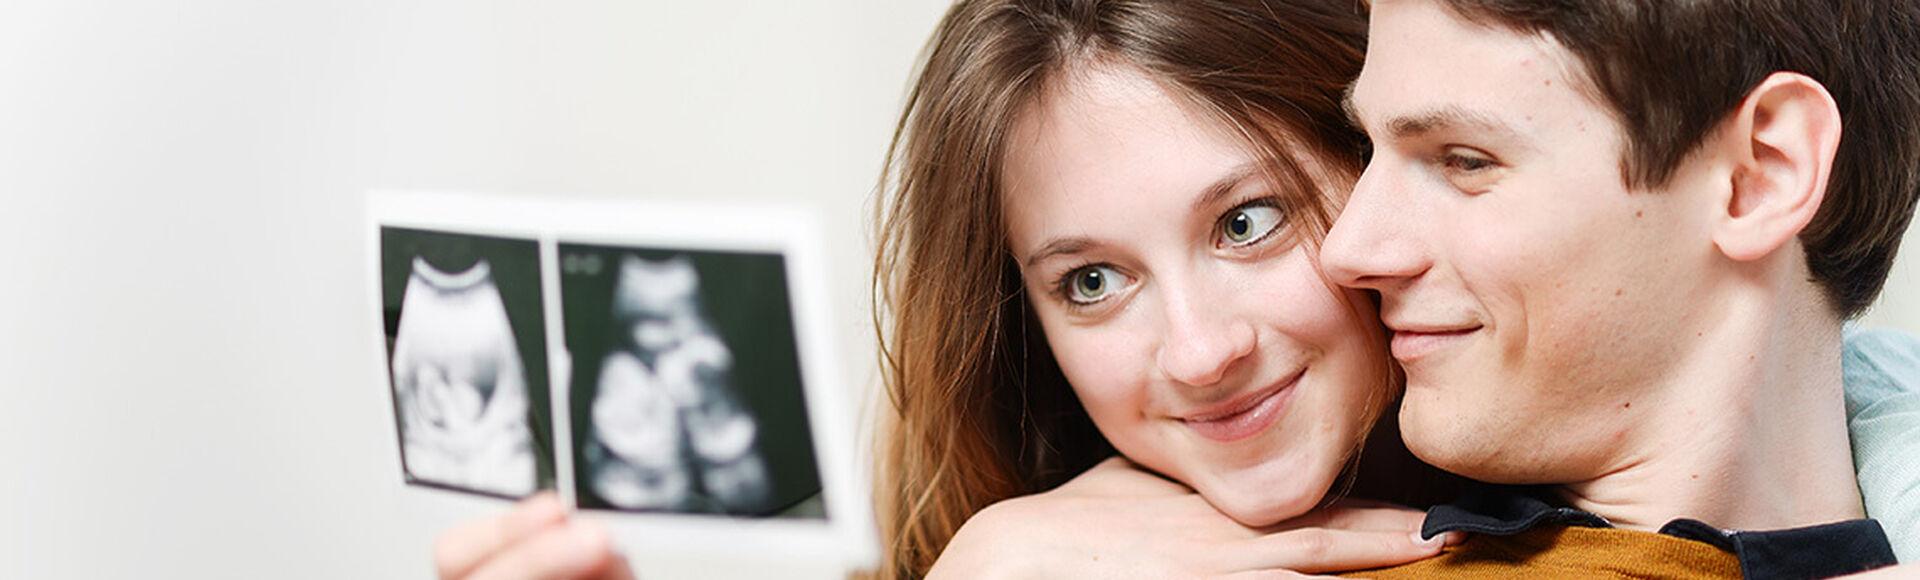 Cambios en la semana 18 de embarazo | Más Abrazos by Huggies